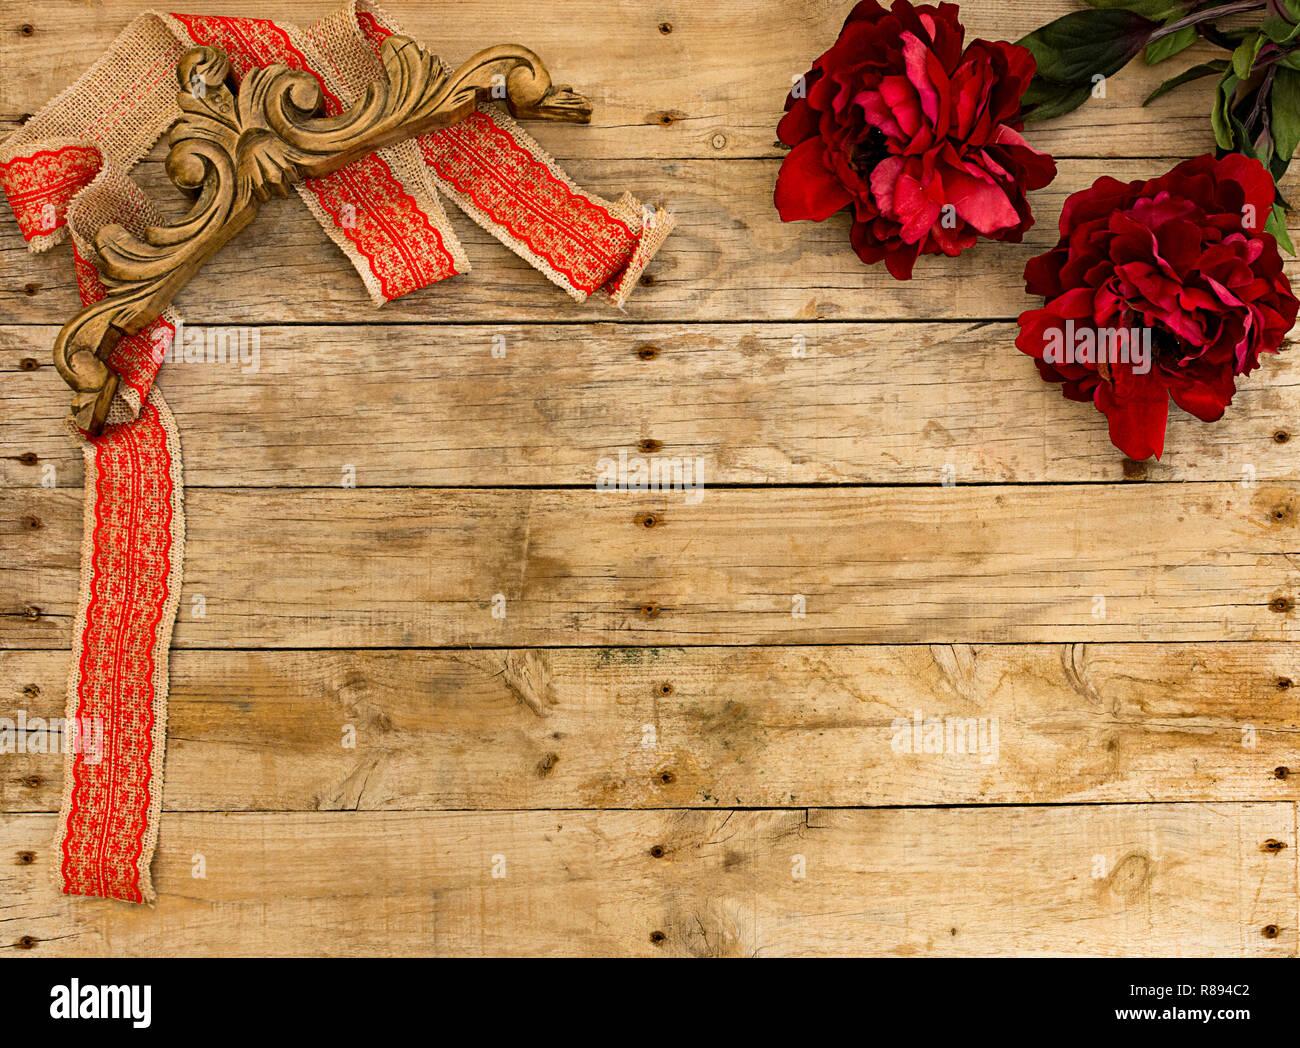 Weihnachtsgrüße Postkarte.Weihnachten Rahmen Red Ribbon Mit Vintage Holz Ornament Und Roten